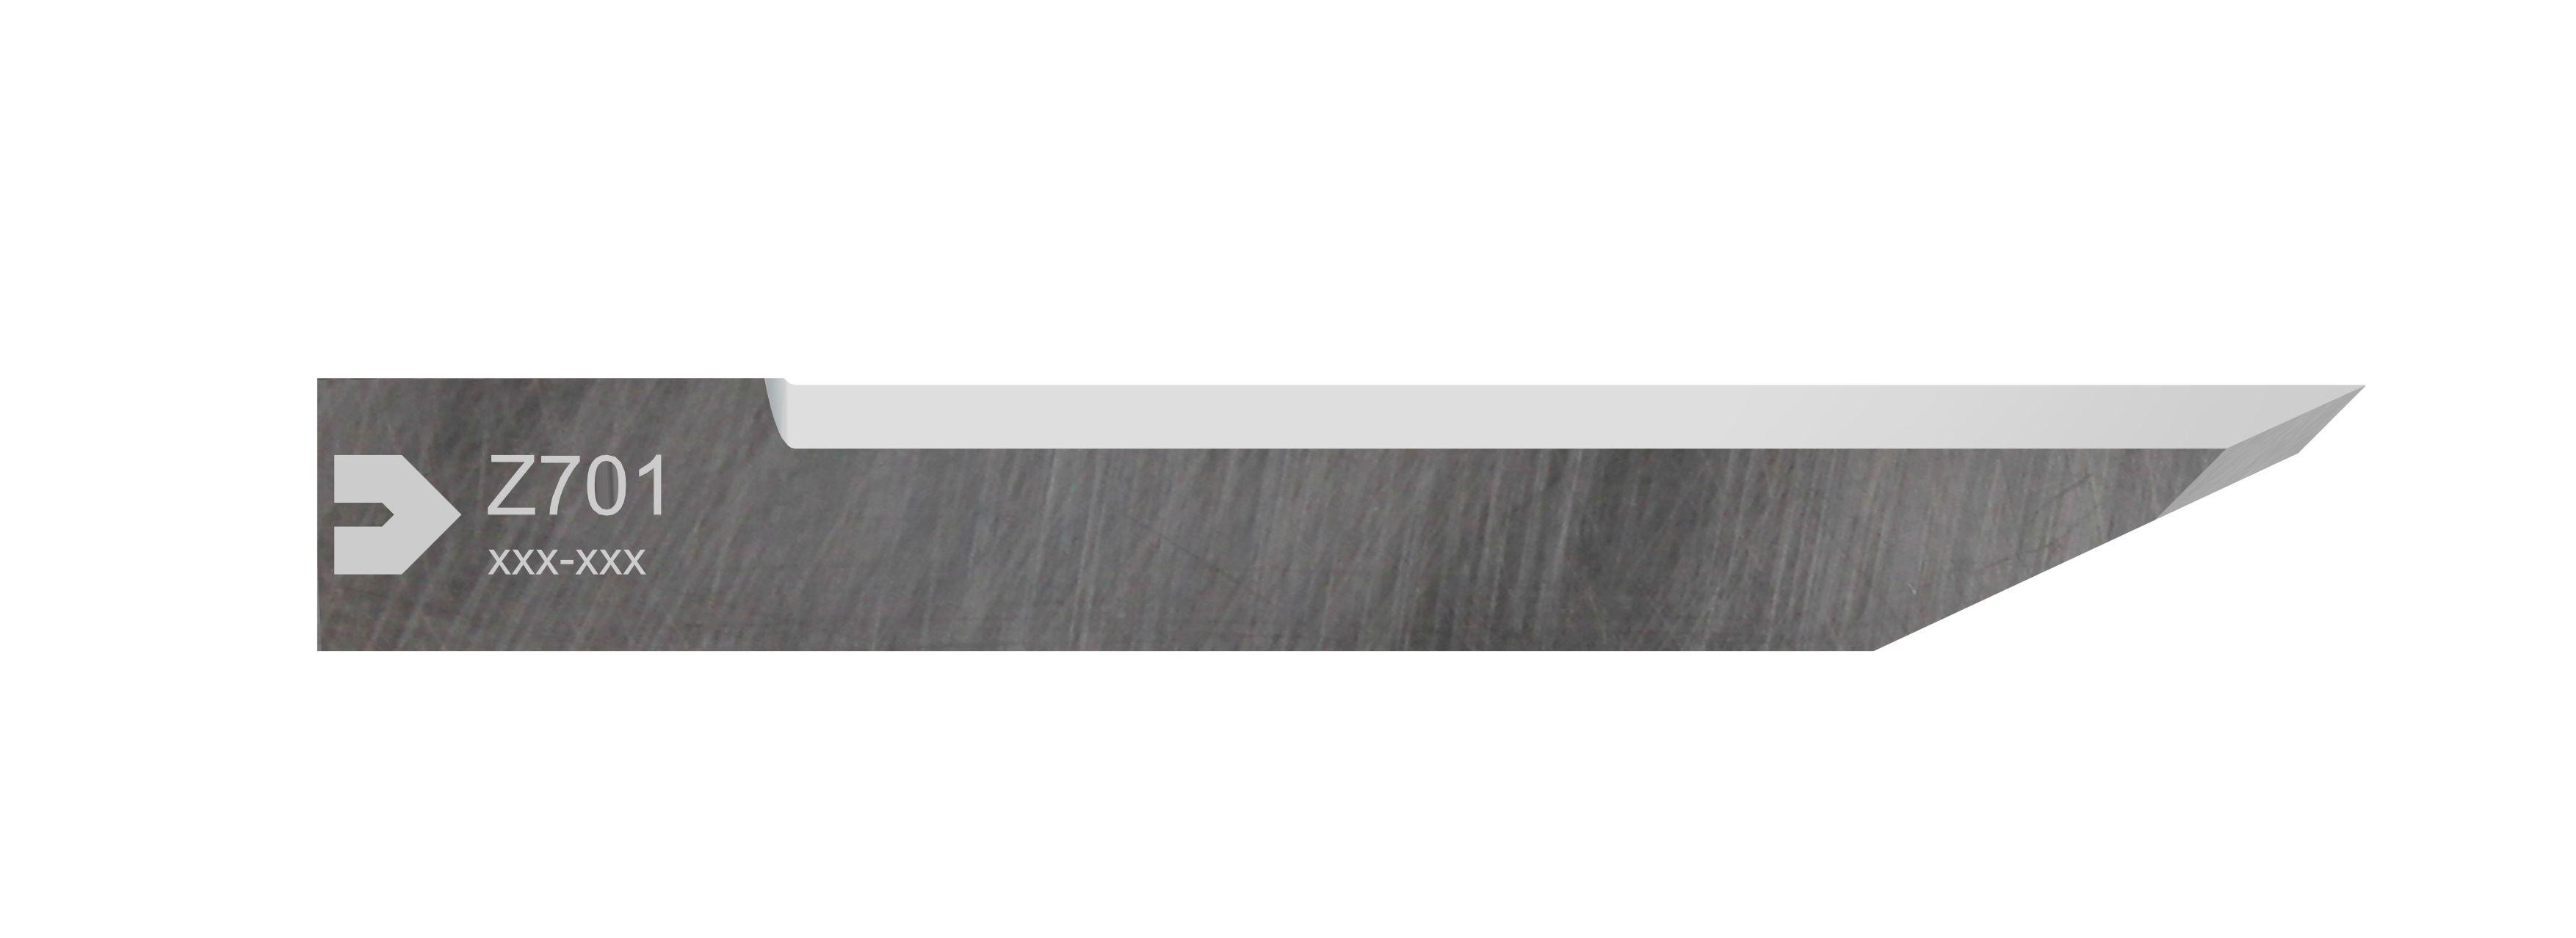 ZÜND nouveauté – lame Z701 pour l'outil de découpe inclinée VCT2